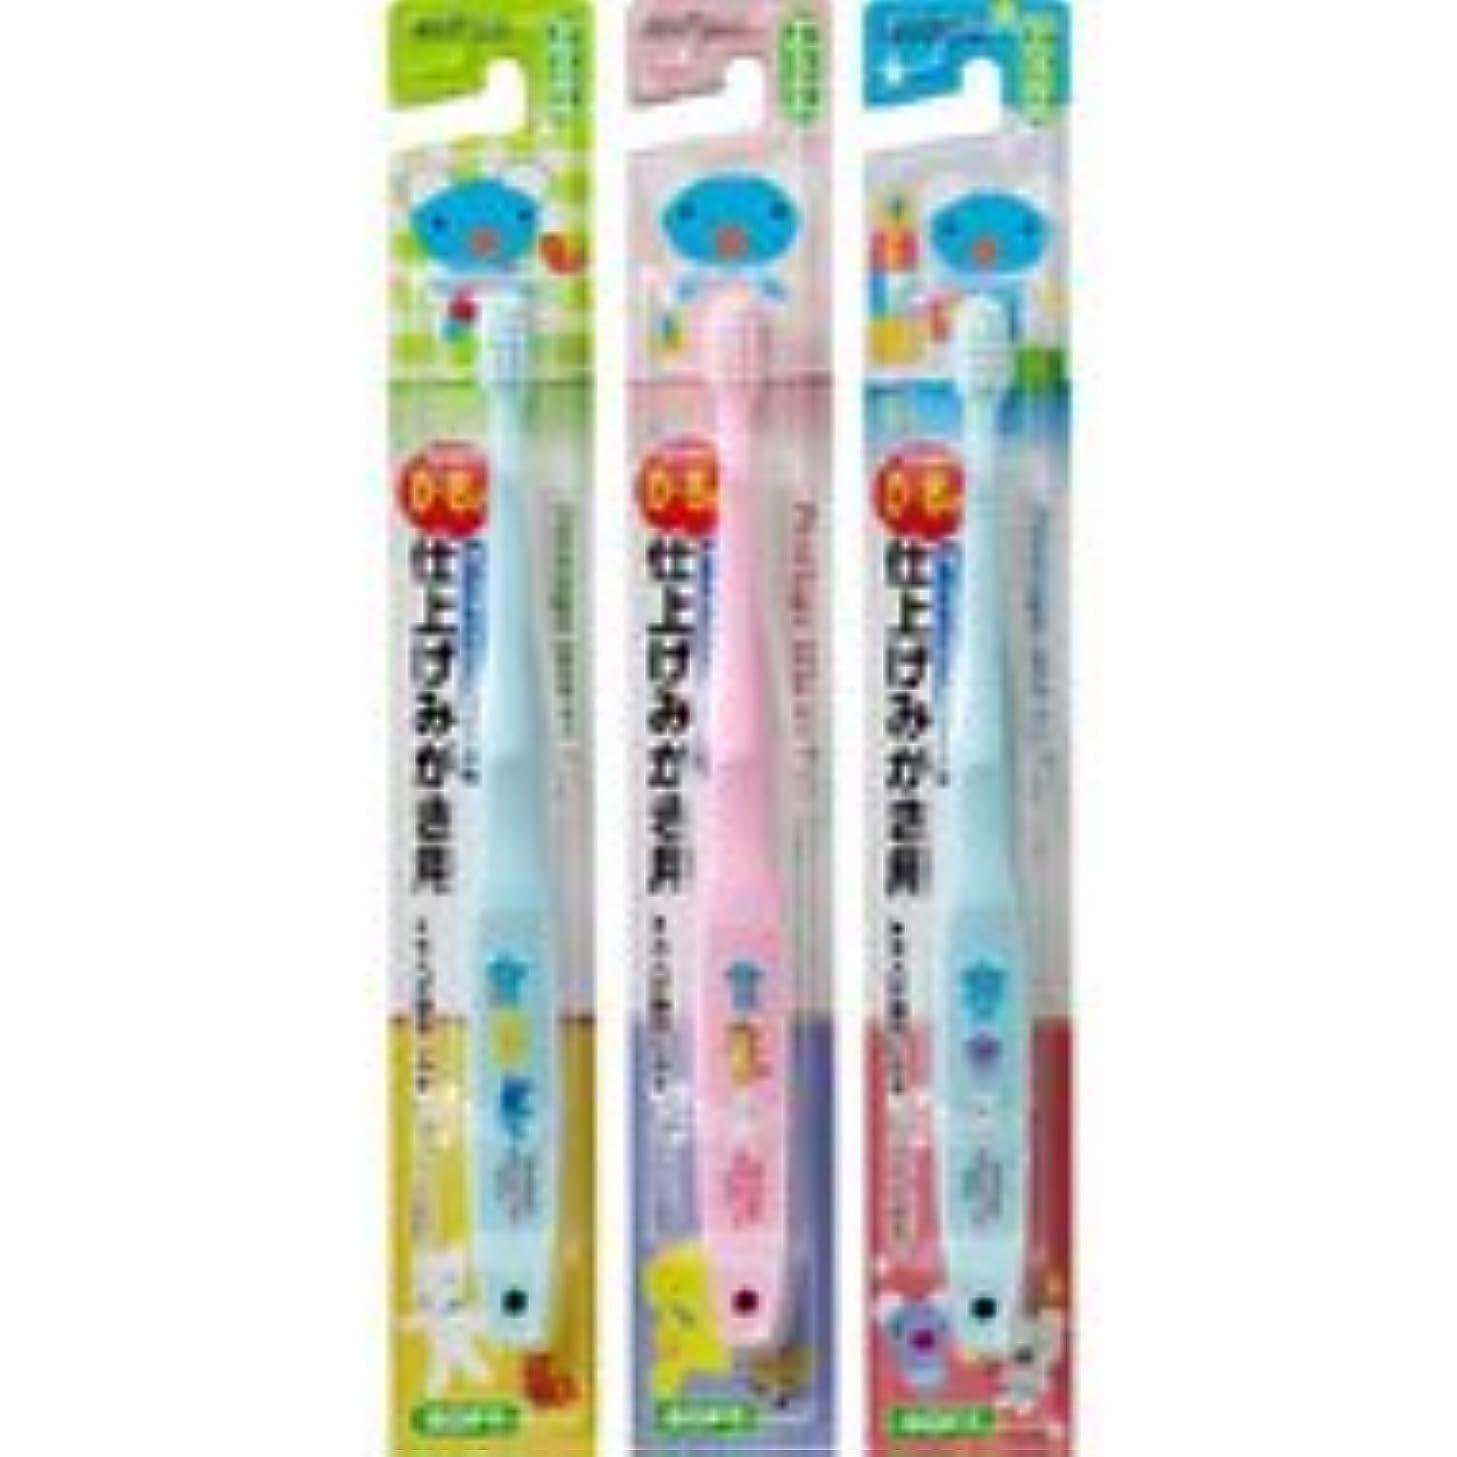 悲惨な同情移民ペネロペ仕上げ磨き用歯ブラシ 3本 ※種類は当店お任せとなります